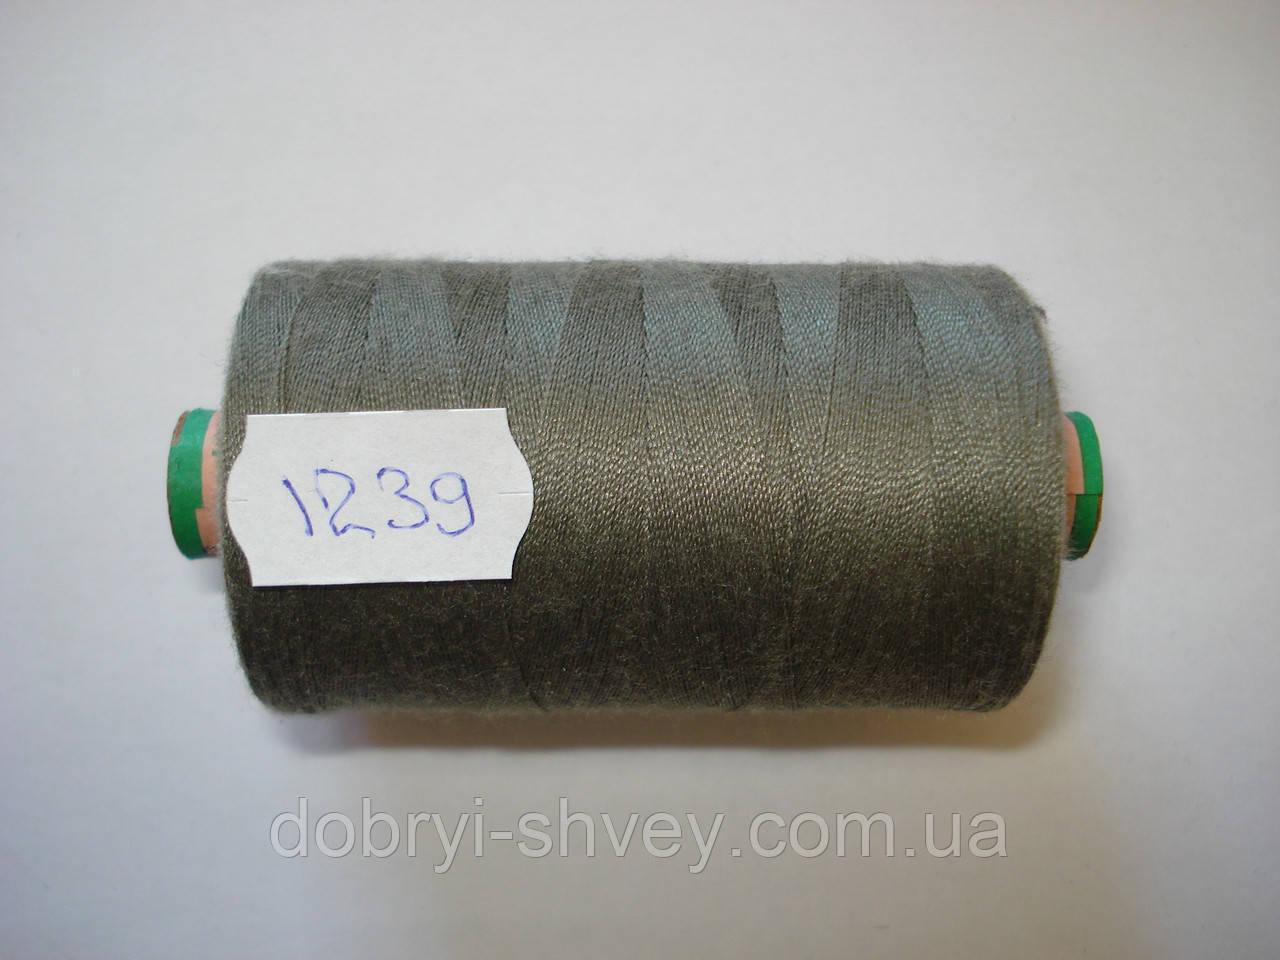 Нитка AMANN Saba c №80 1000м.col 1239 оливково-серый (шт.)